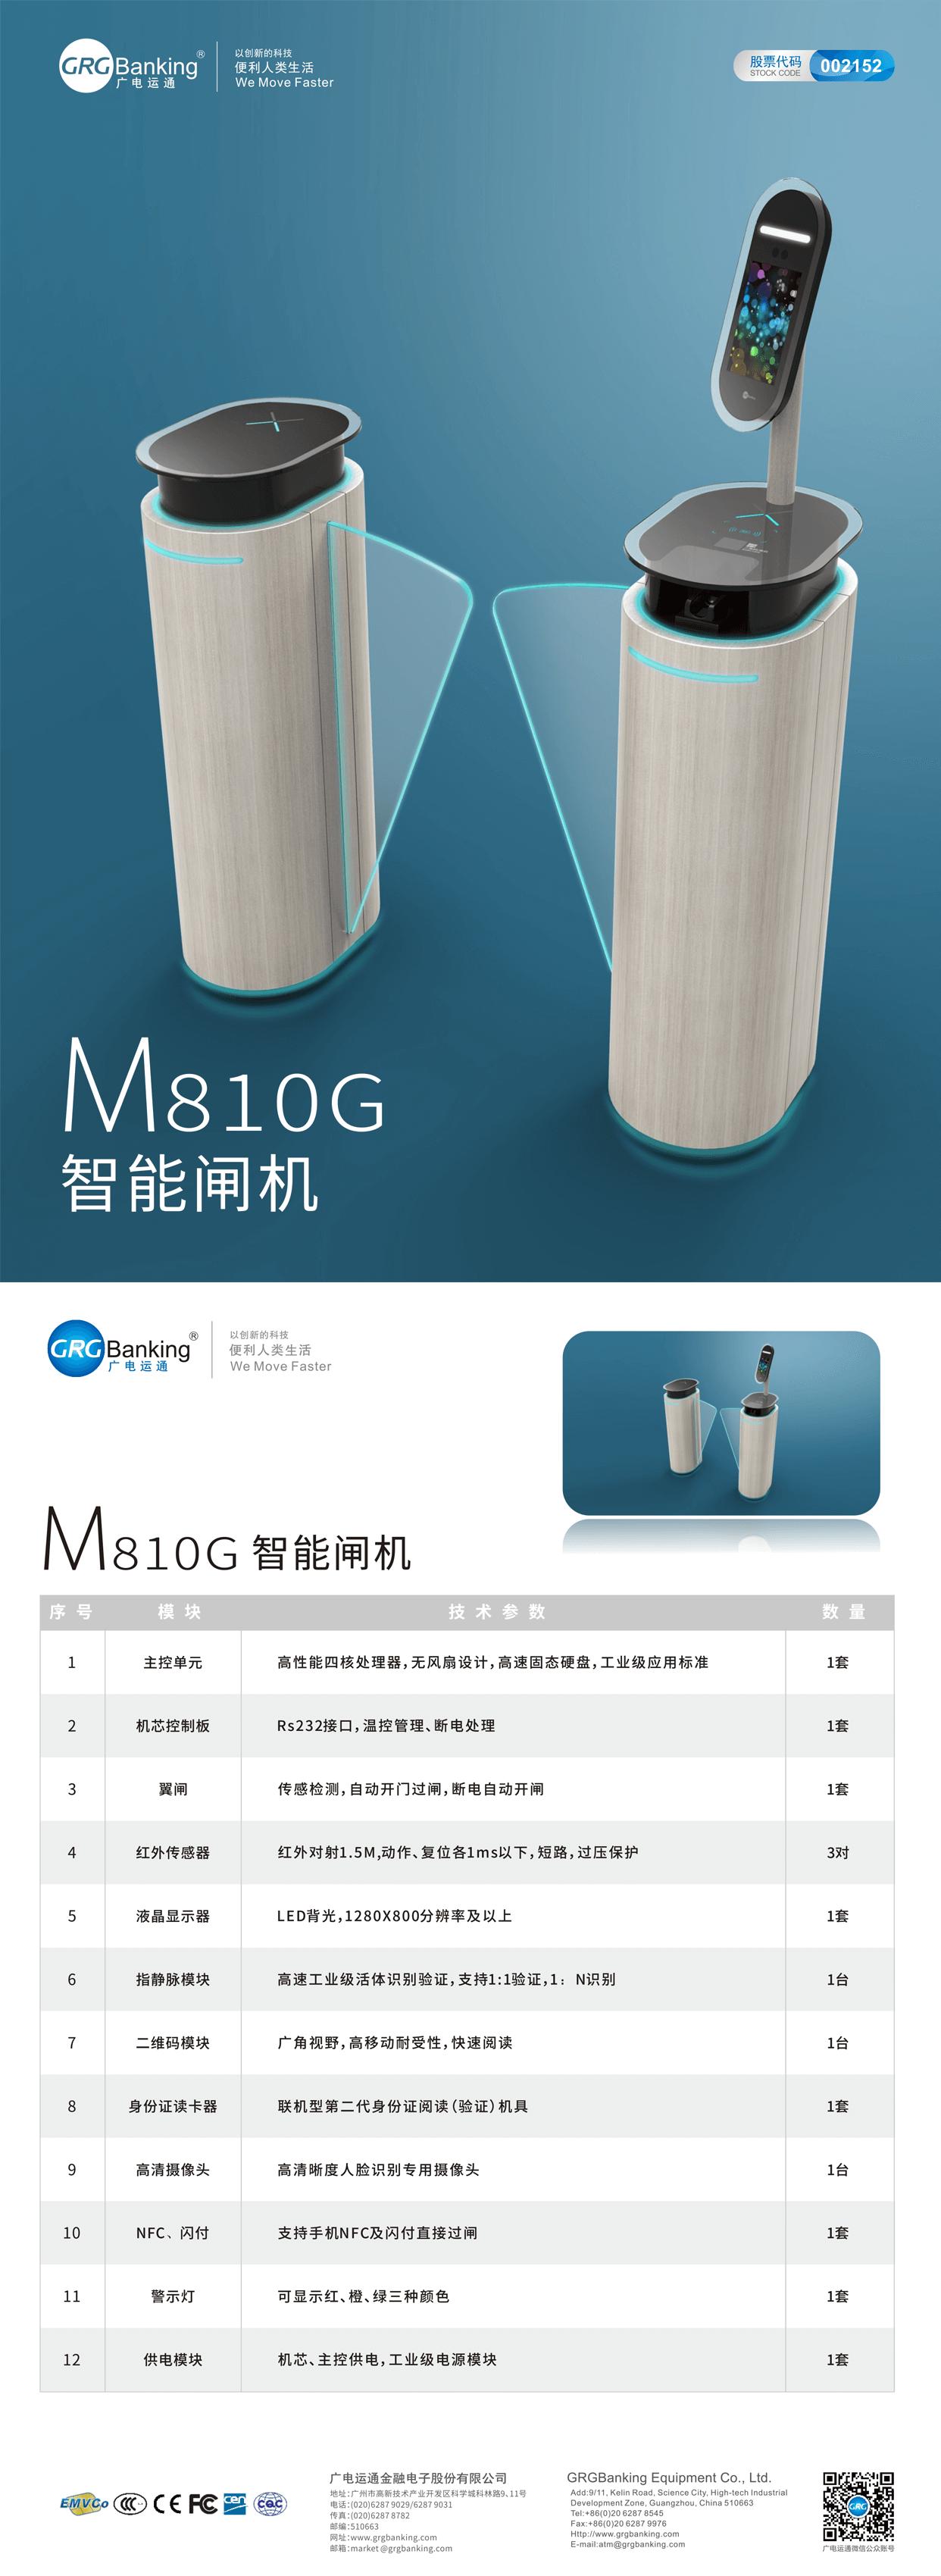 M810G智能闸机.png